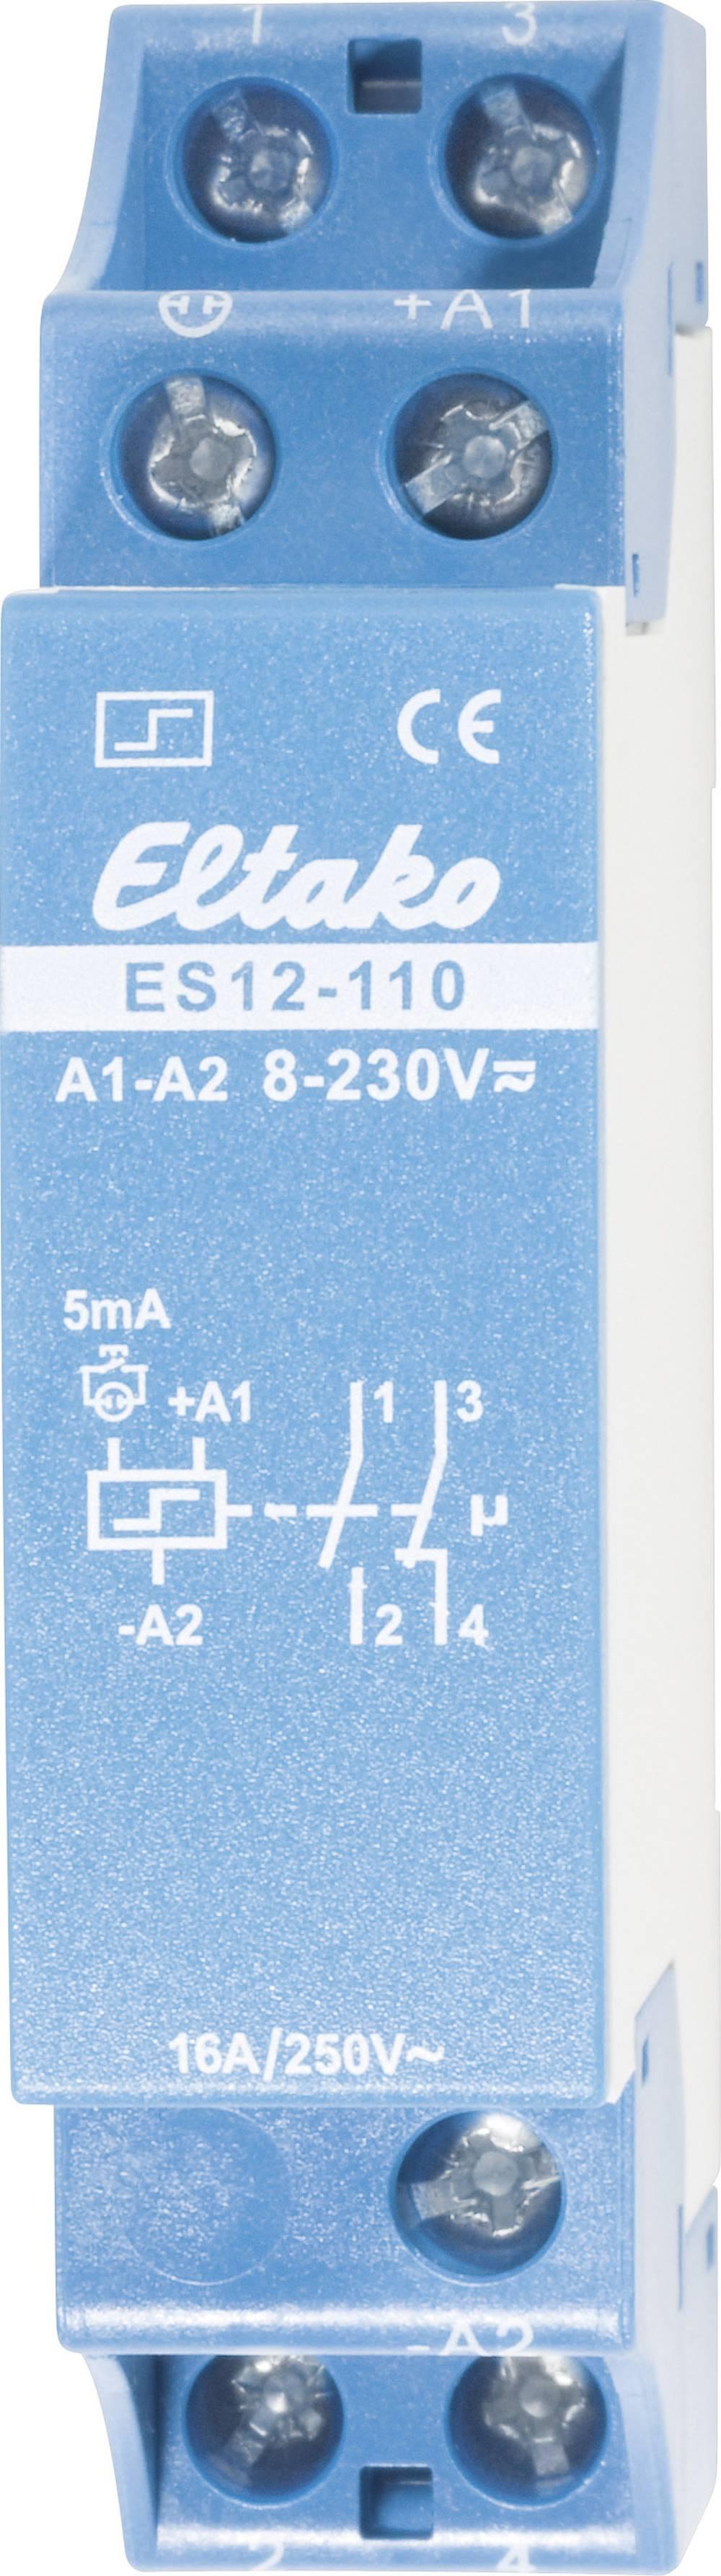 Strømstødskontakt DIN-skinne 1 stk Eltako ES12-110 1 x sluttekontakt, 1 x brydekontakt 230 V/DC, 230 V/AC 16 A 2000 W